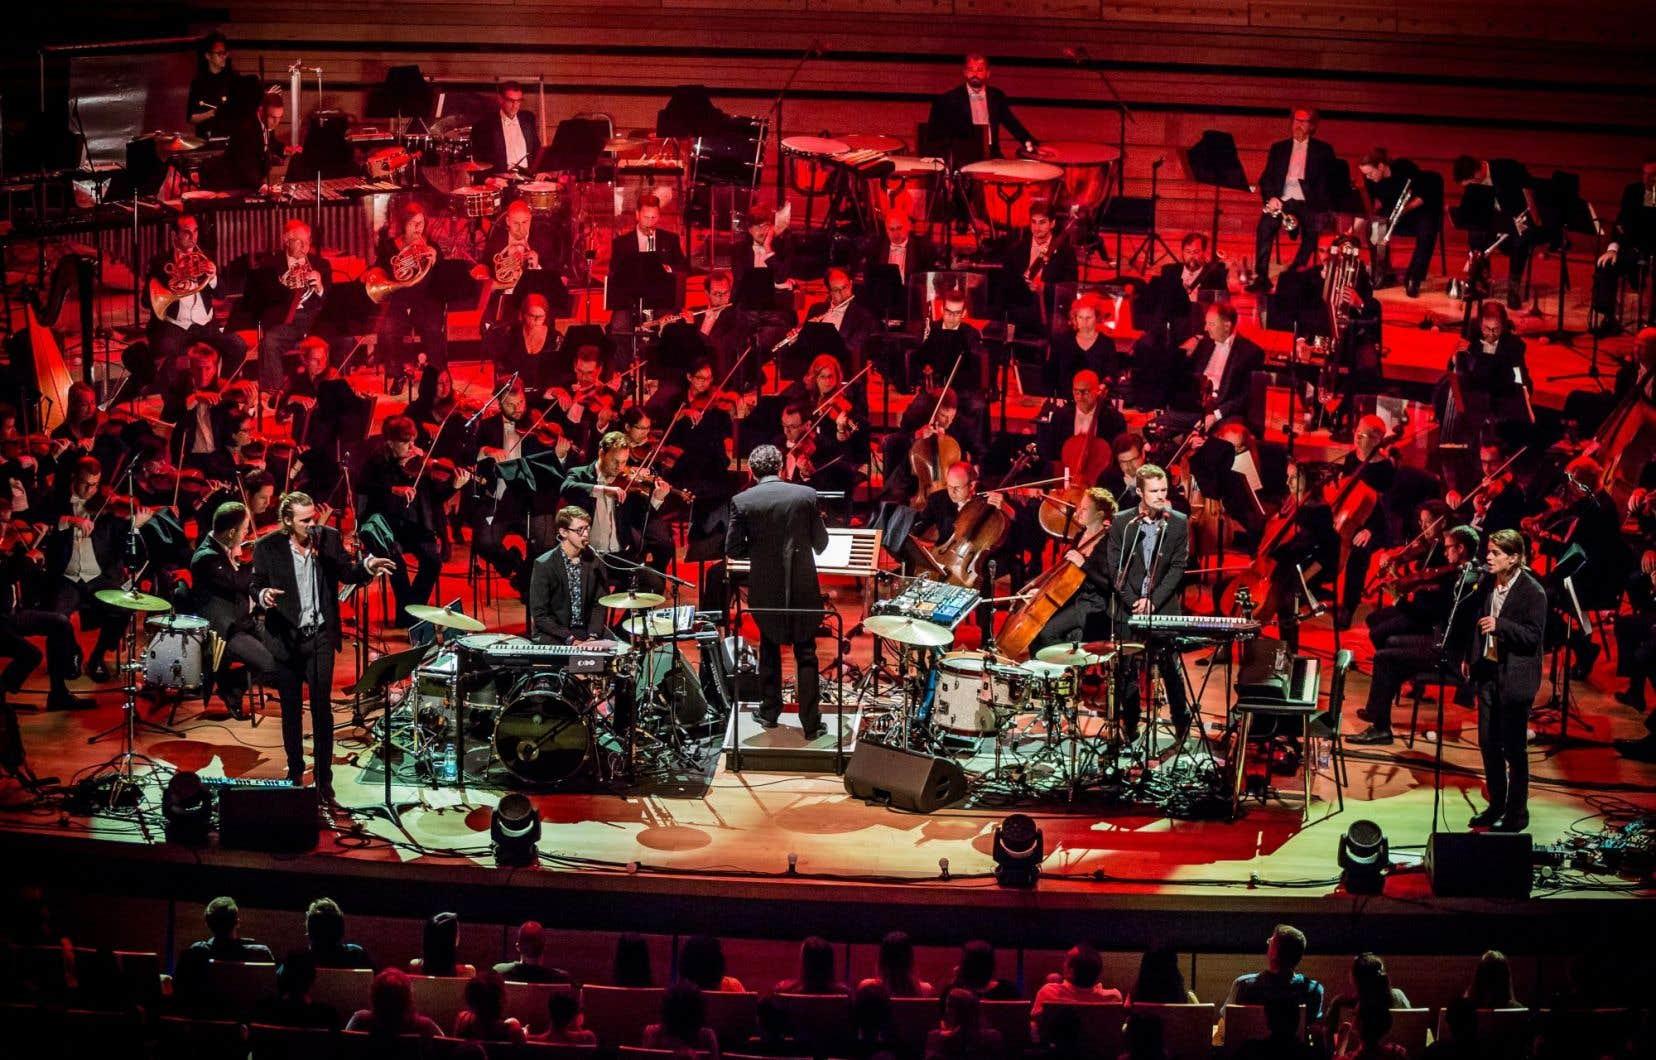 Les musiciens de l'Orchestre symphonique de Montréal ont par moments permis au groupe Half Moon Run de présenter une version «survitaminée en perspectives, harmoniques et décibels» de ses morceaux.